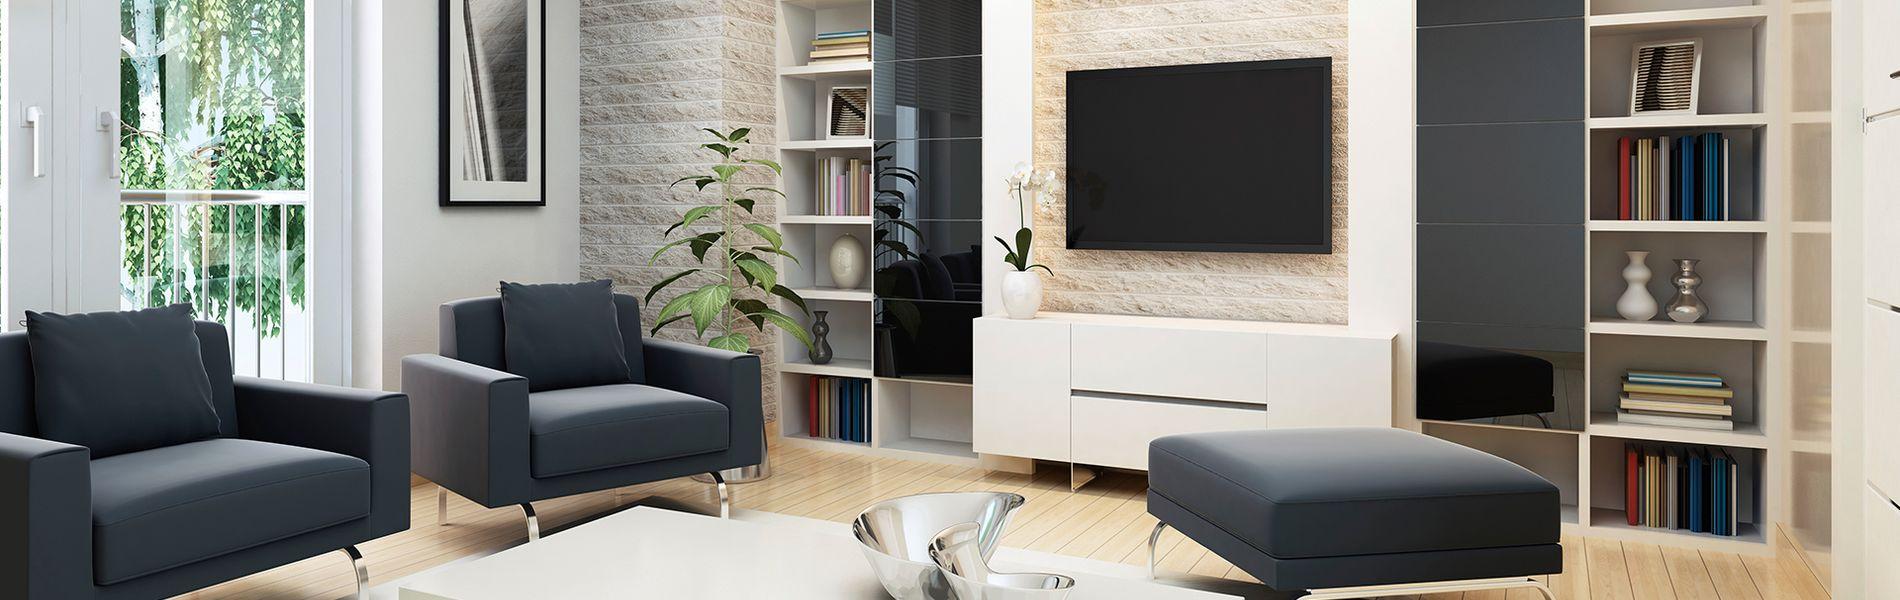 ocordo travaux nantes entreprise de r novation et construction. Black Bedroom Furniture Sets. Home Design Ideas